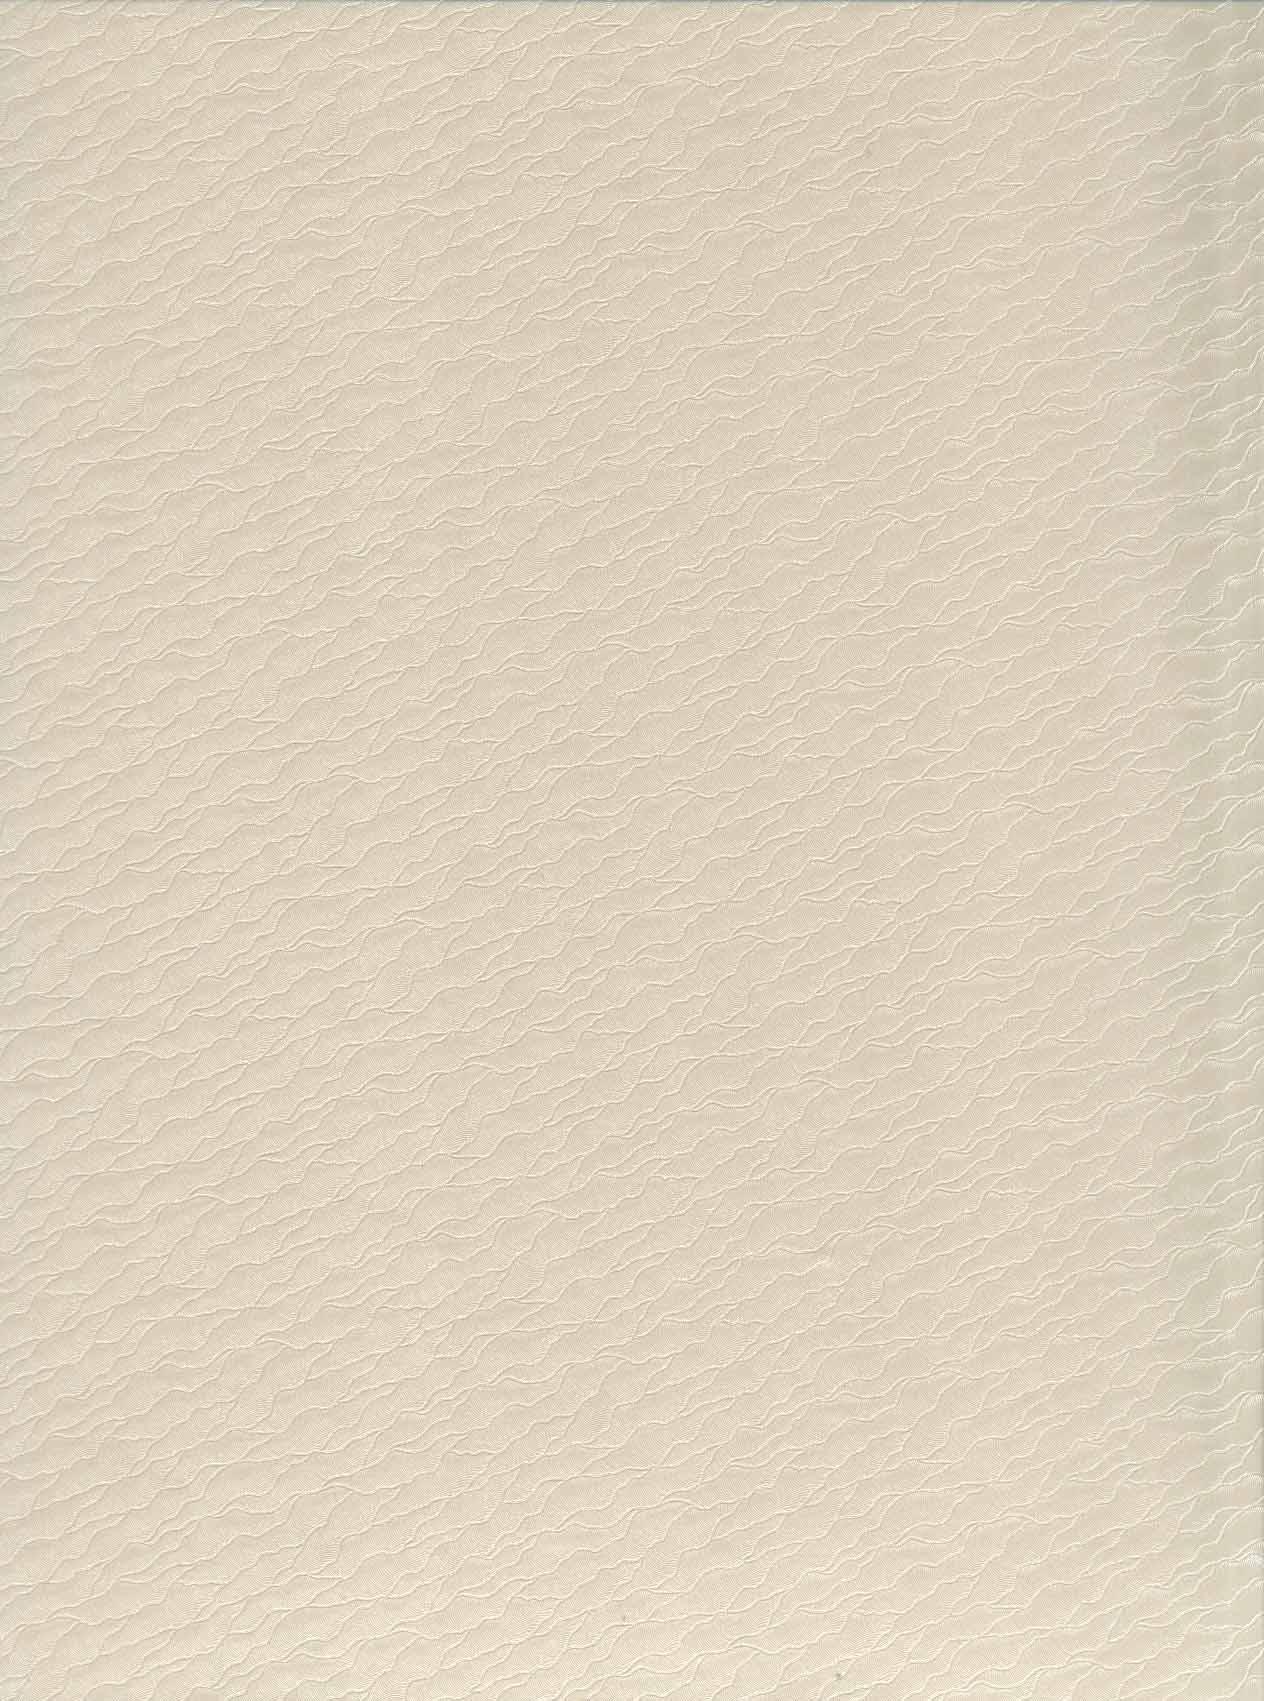 آلبوم بله برون پاپیونی گلدار افقی (1478)،(گلاسه،باجعبه)